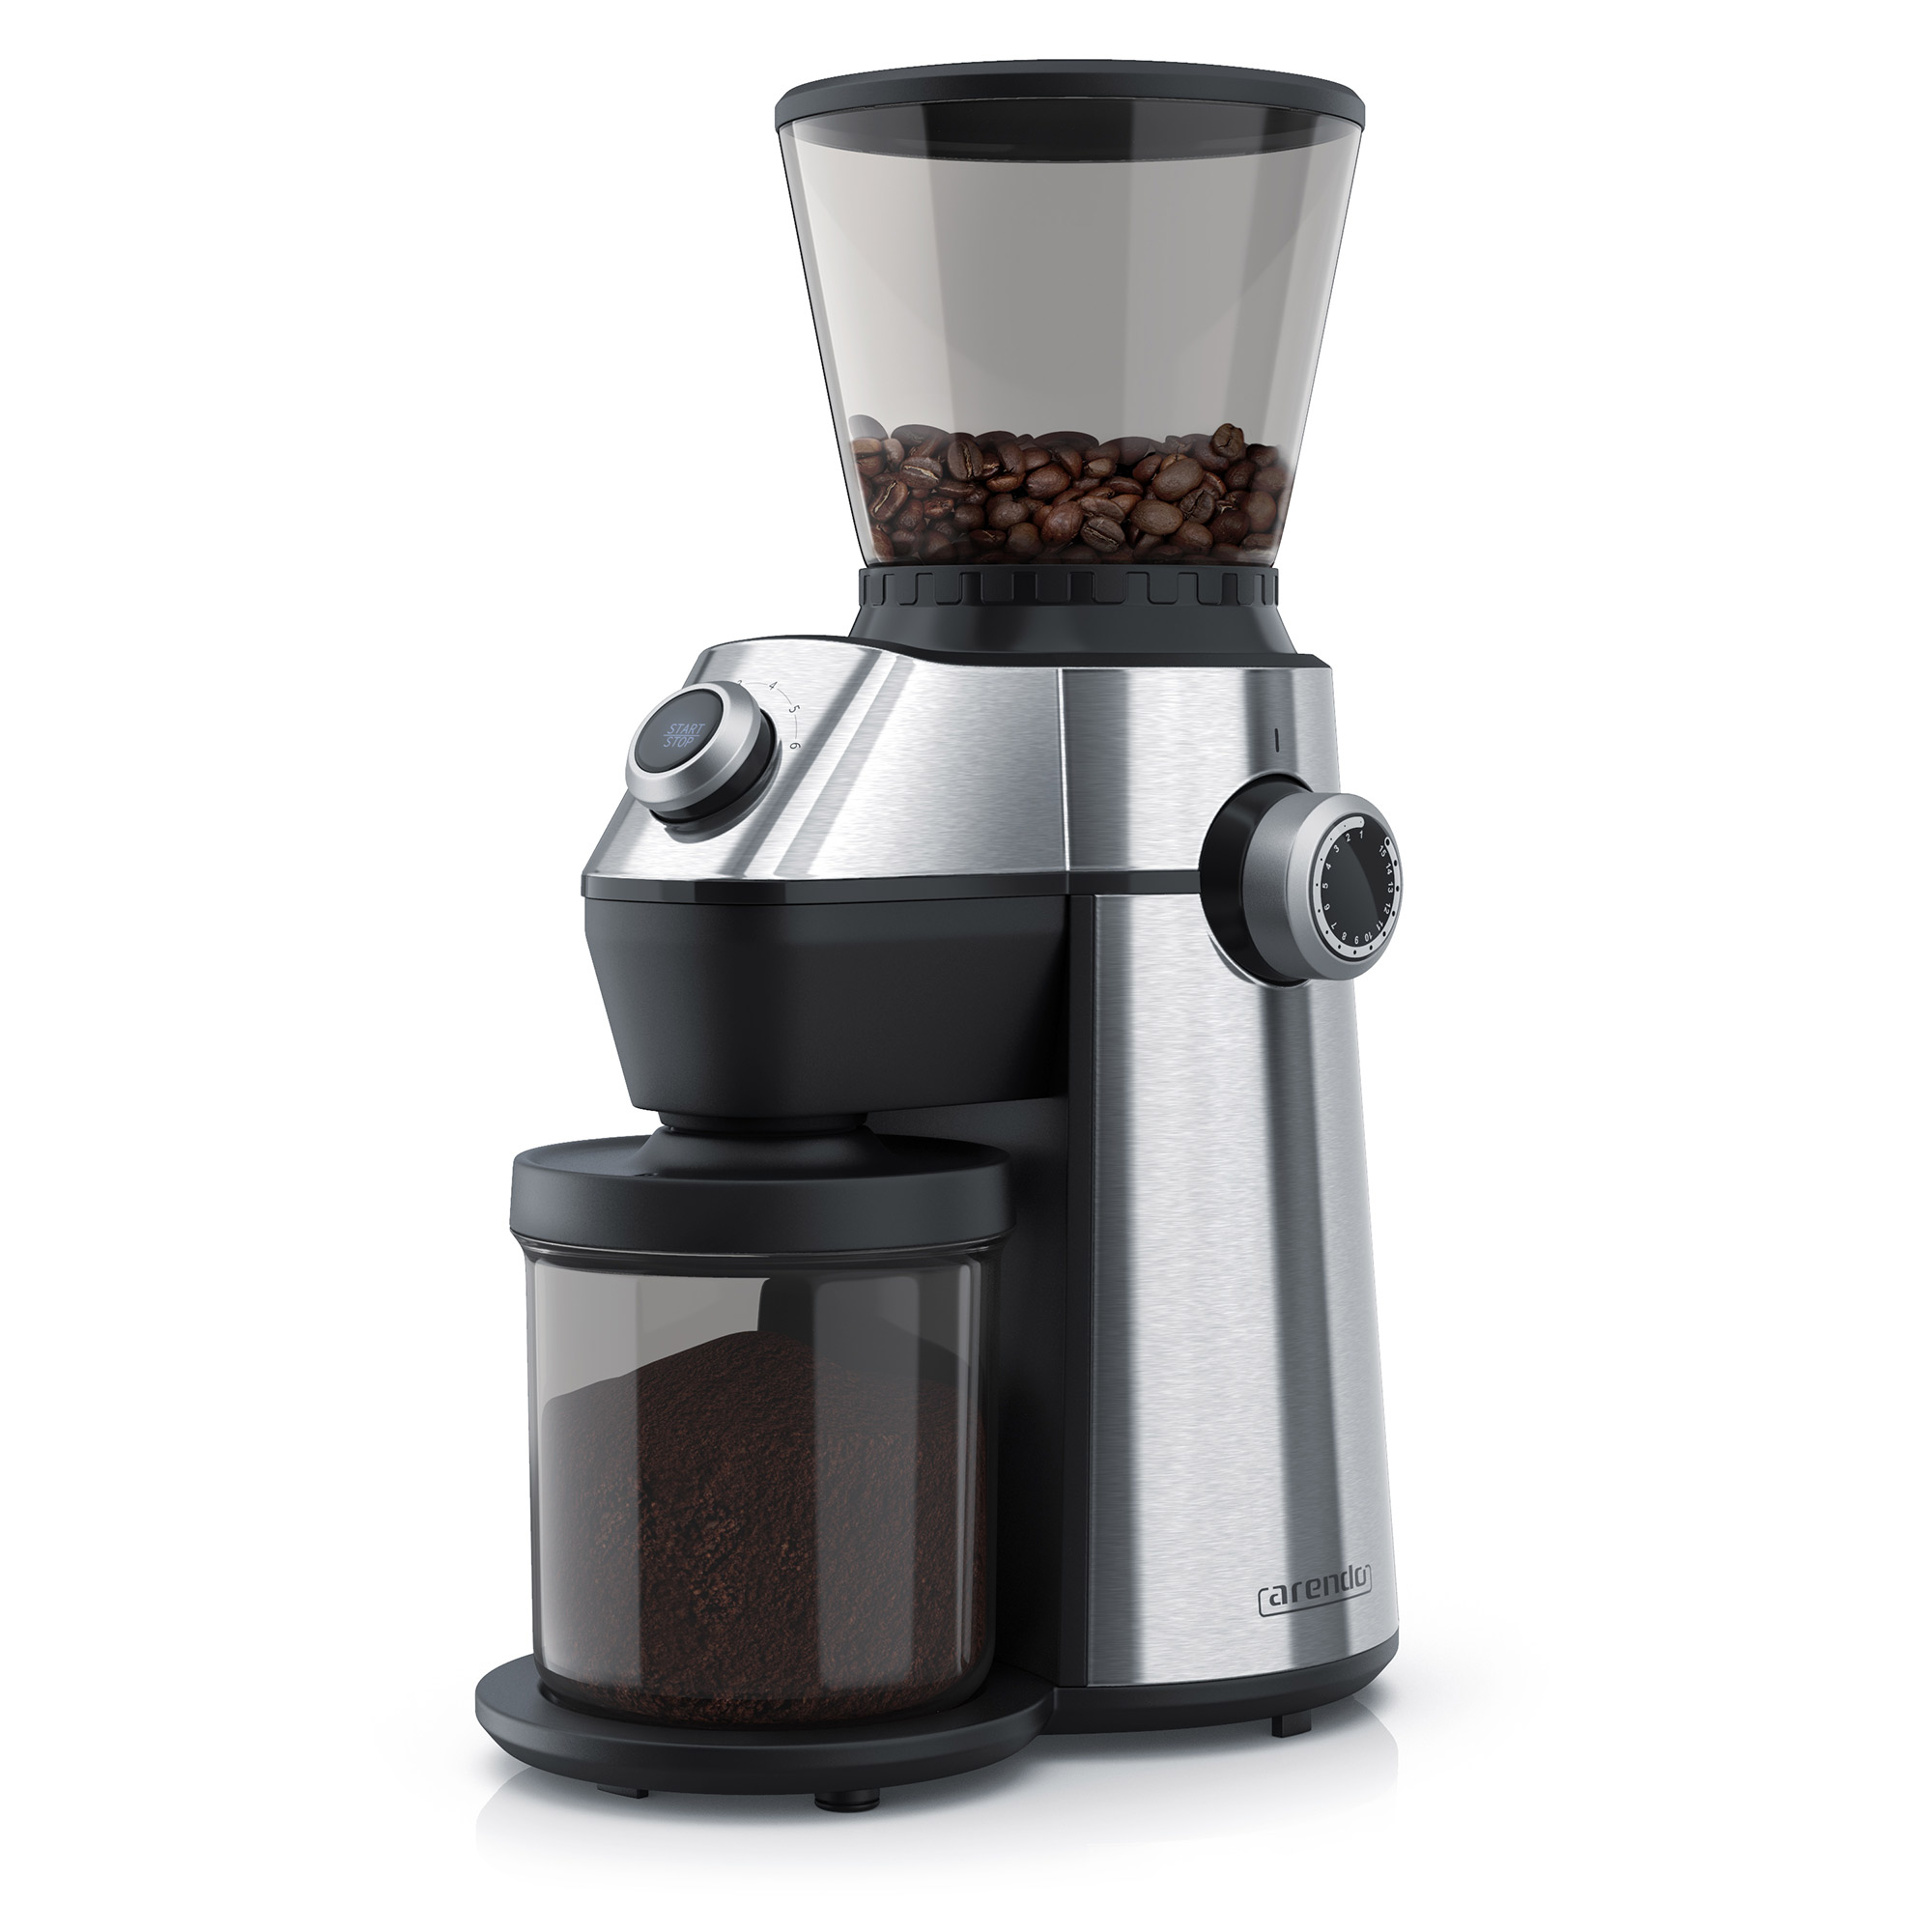 COPAN - ELEKTRISCHE KAFFEMÜHLEEdelstahl-DesignKegelmahlwerk360g Fassungsvermögen (Bohnenbehälter)150 Watt15 Stufen für Mahlgrad6 Stufen für MahldauerAromaschutzSpülmaschinenfester KaffeebehälterIntegrierter SicherheitsschalterGS zertifiziertMod. Nr.: 303236DIREKT BEI AMAZON KAUFENDIREKT BEI OTTO KAUFEN